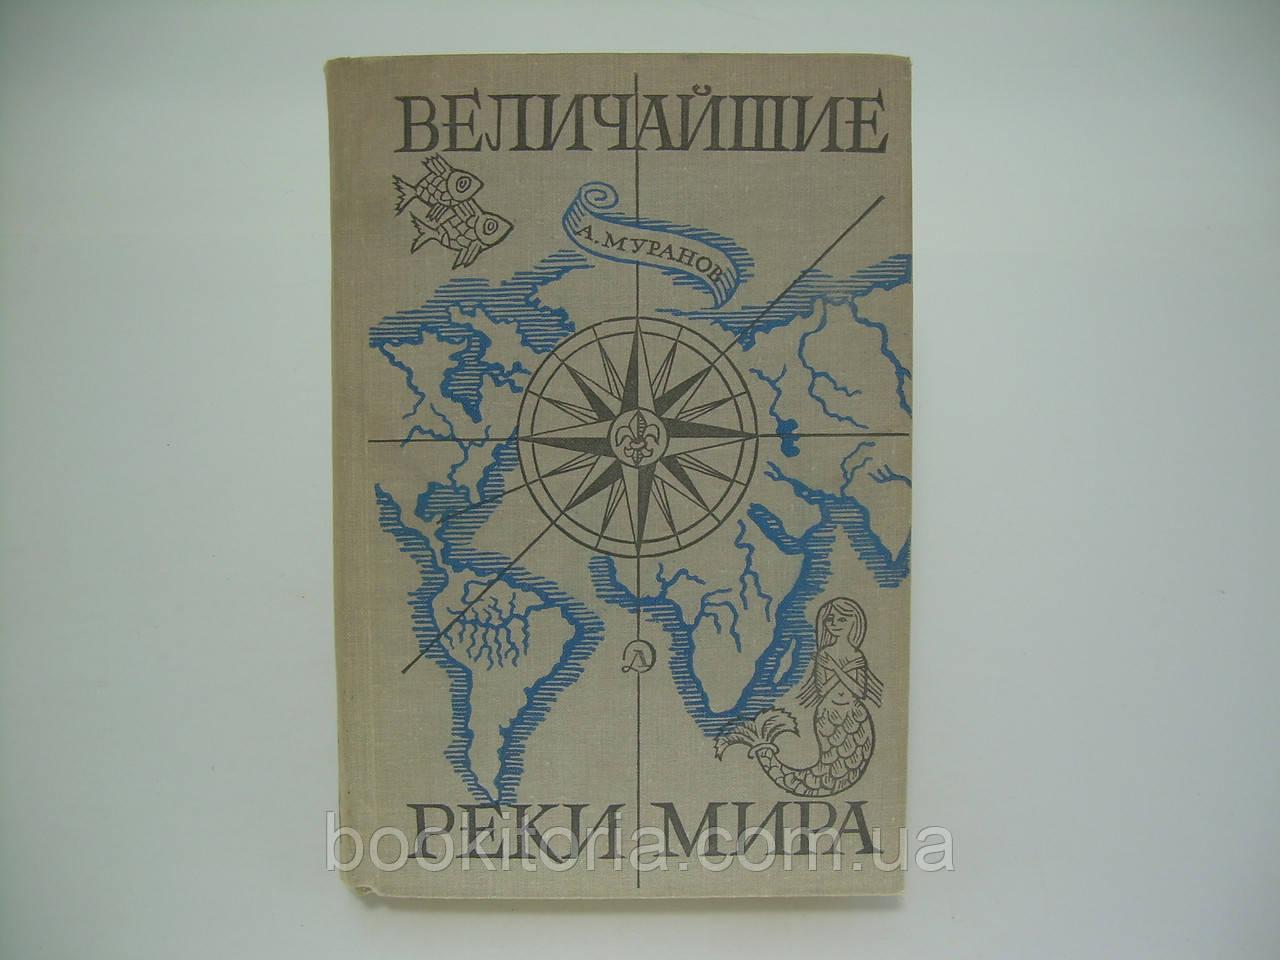 Муранов А. Величайшие реки мира (б/у).